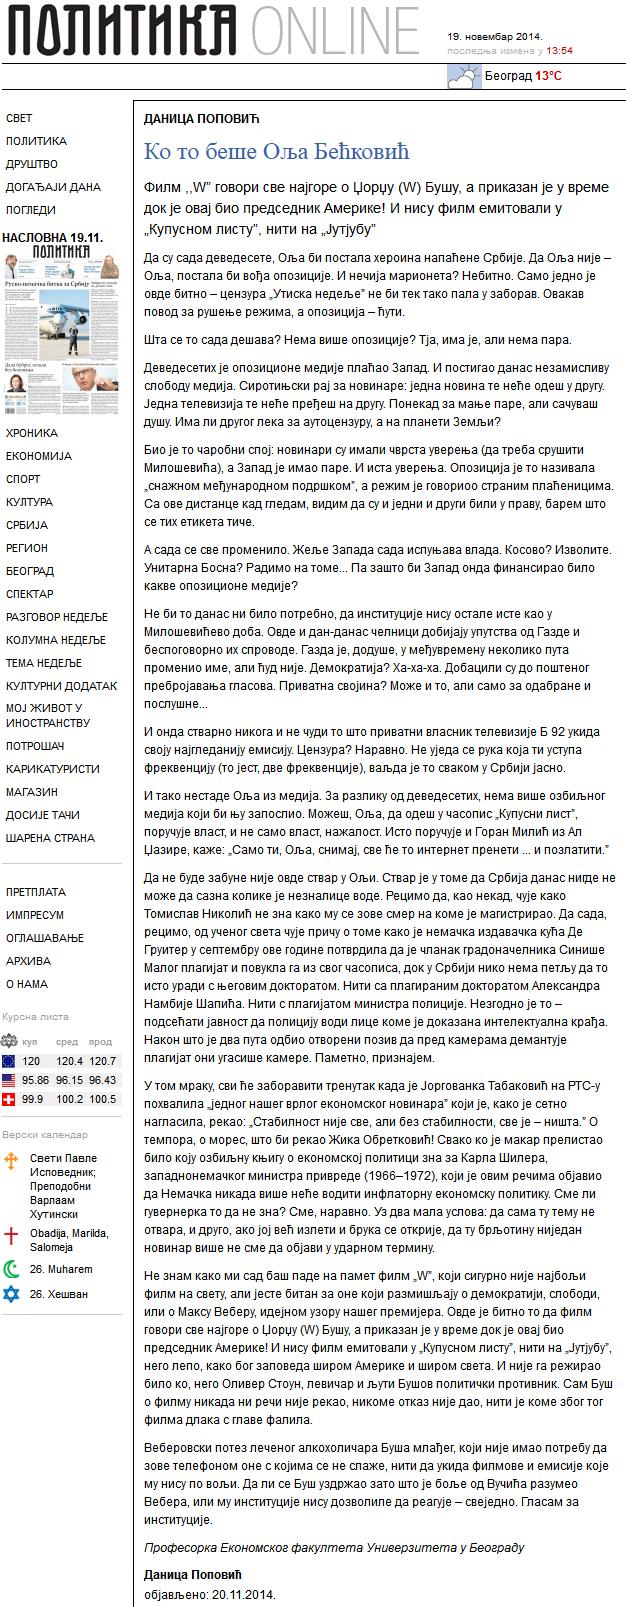 screenshot-webcache googleusercontent com 2014-11-20 06-14-38